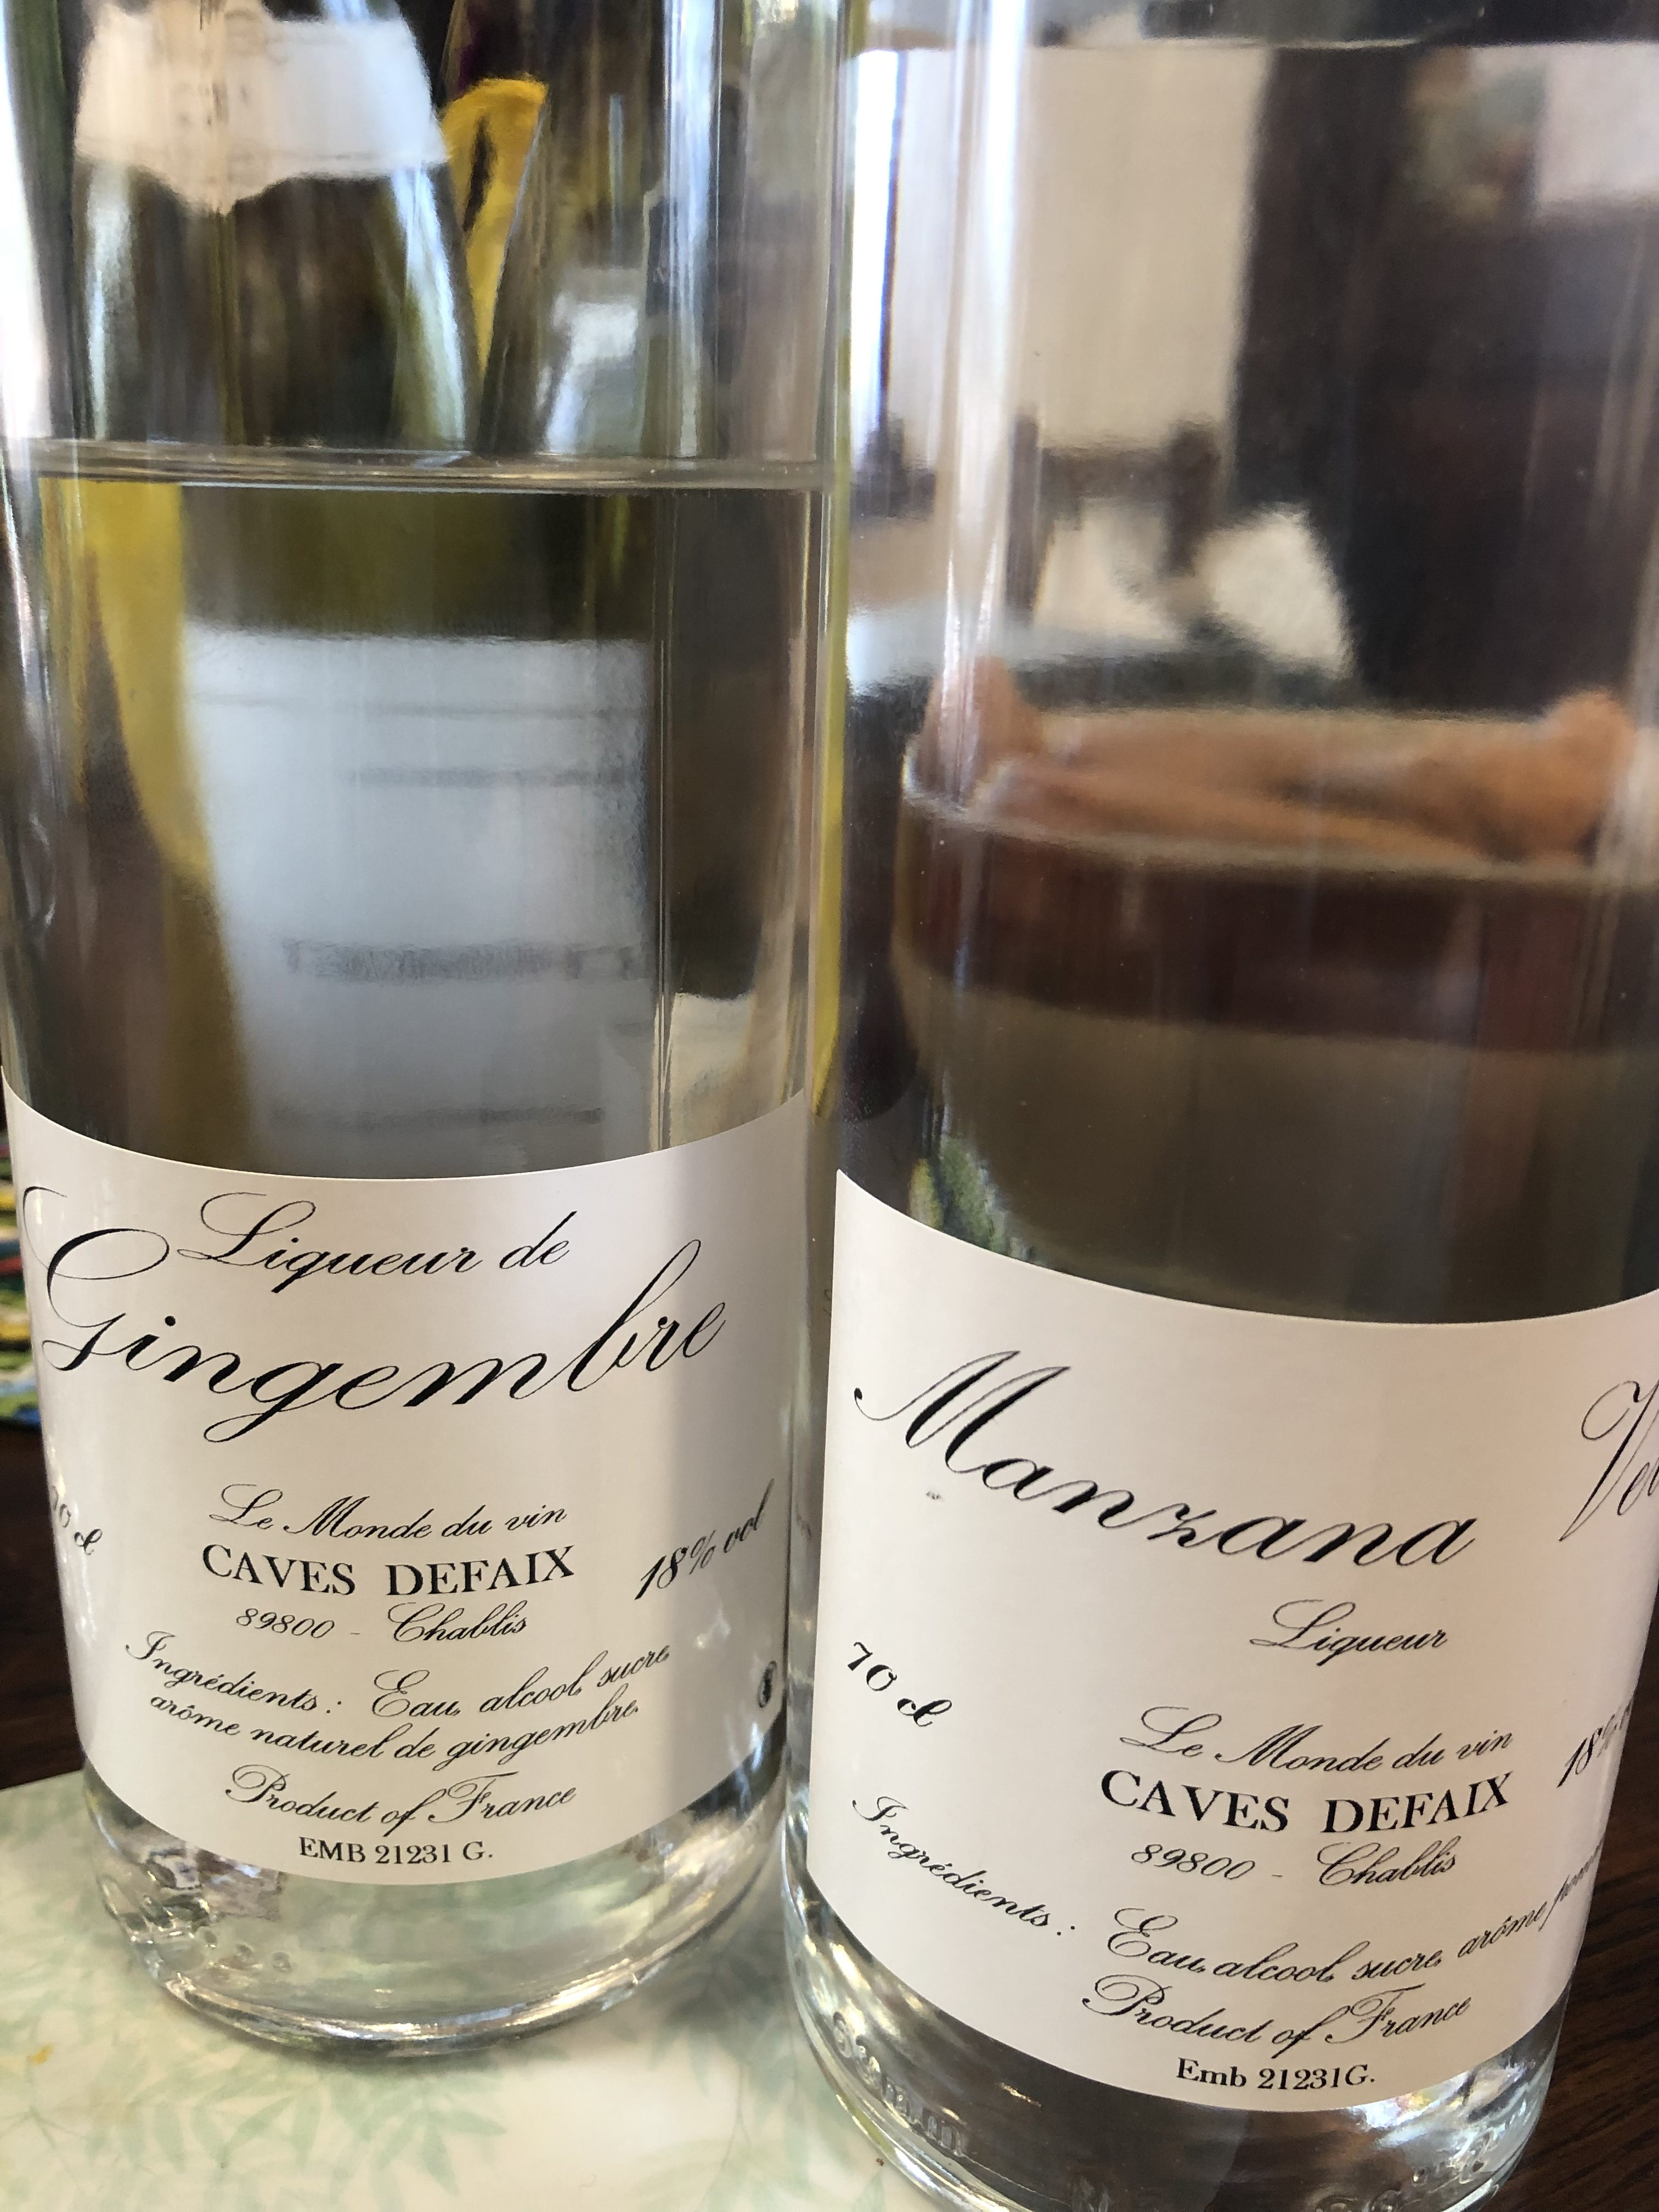 Liqueurs Defaix Bourgogne